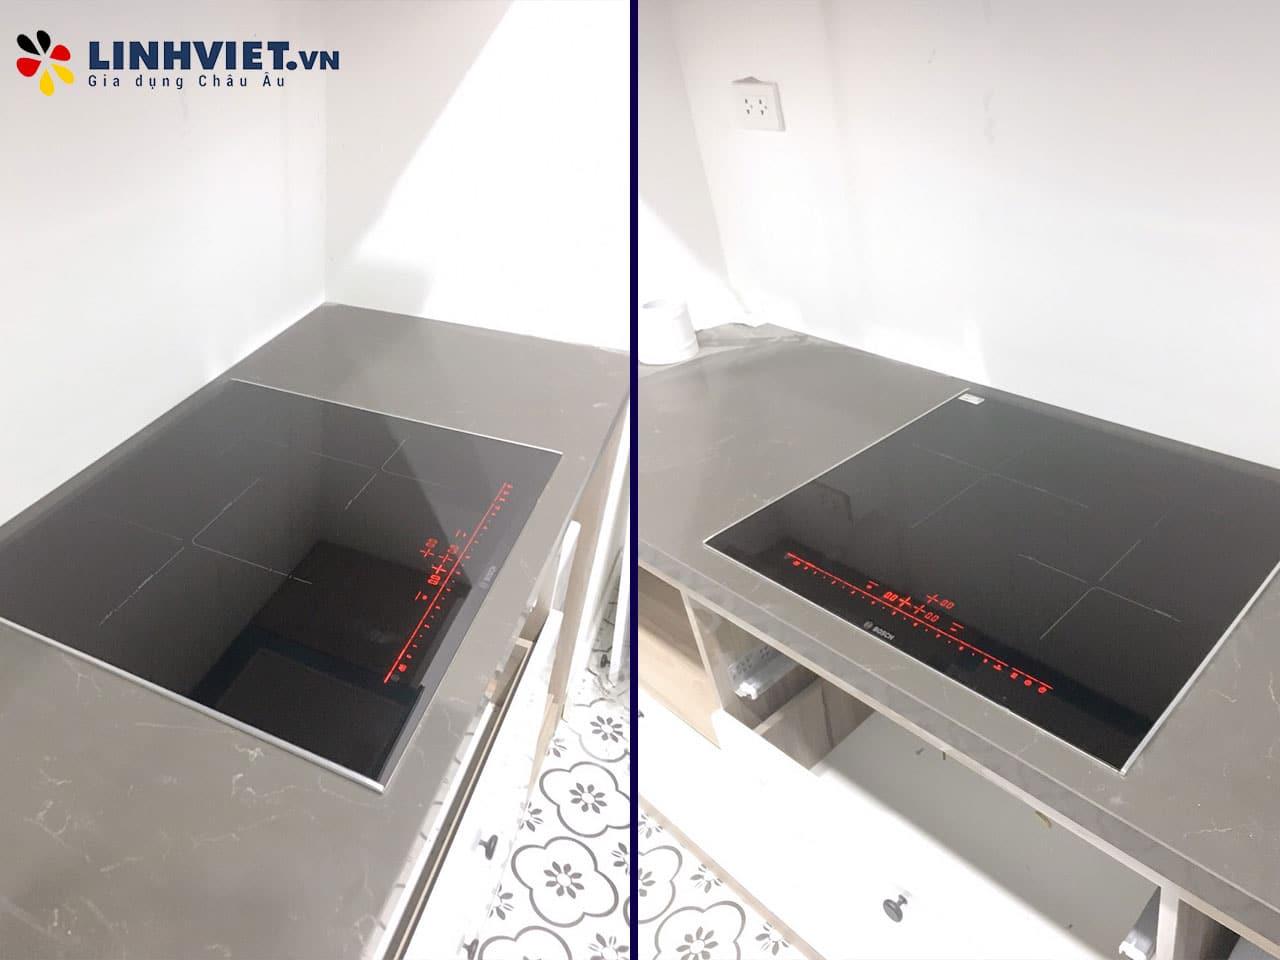 Hình ảnh thực tế khách hàng lắp Combo: Máy rửa bát, Bếp từ Bosch 3